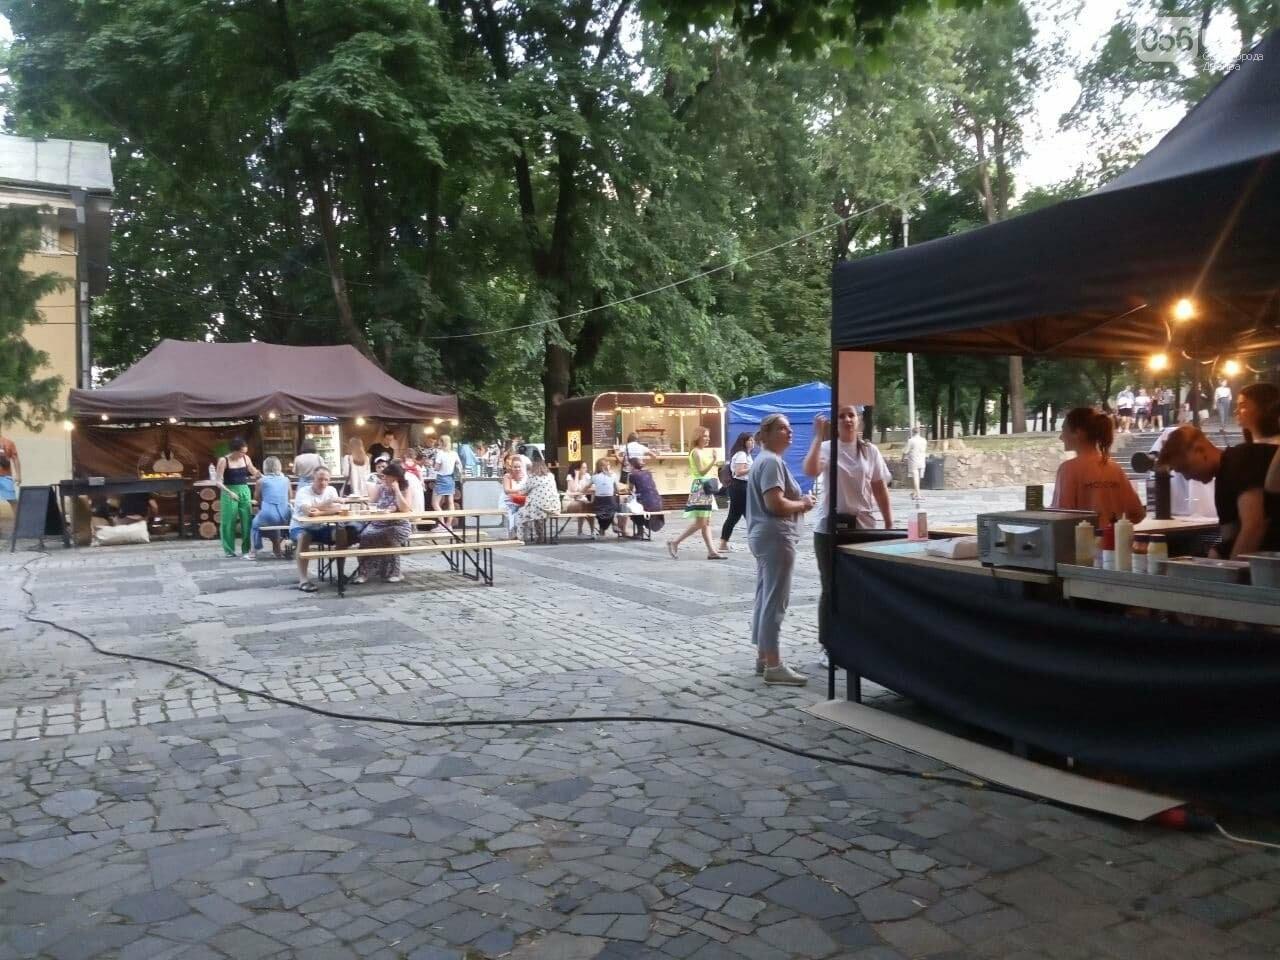 В Днепре по всей территории парка Шевченко звучит музыка нон-стоп, - ФОТО, ВИДЕО, фото-42